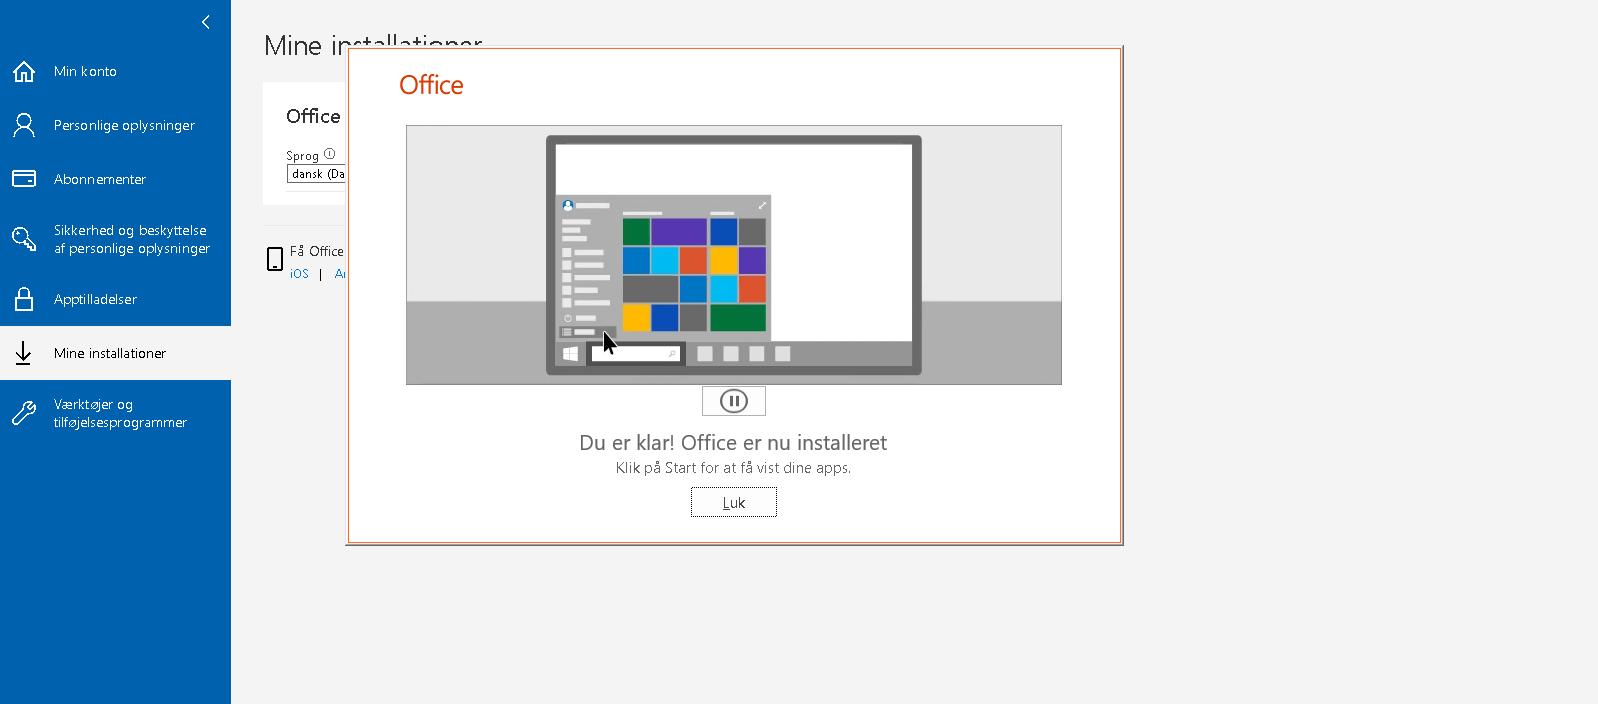 10microsoft_du_er_klar_office_er_nu_installeret